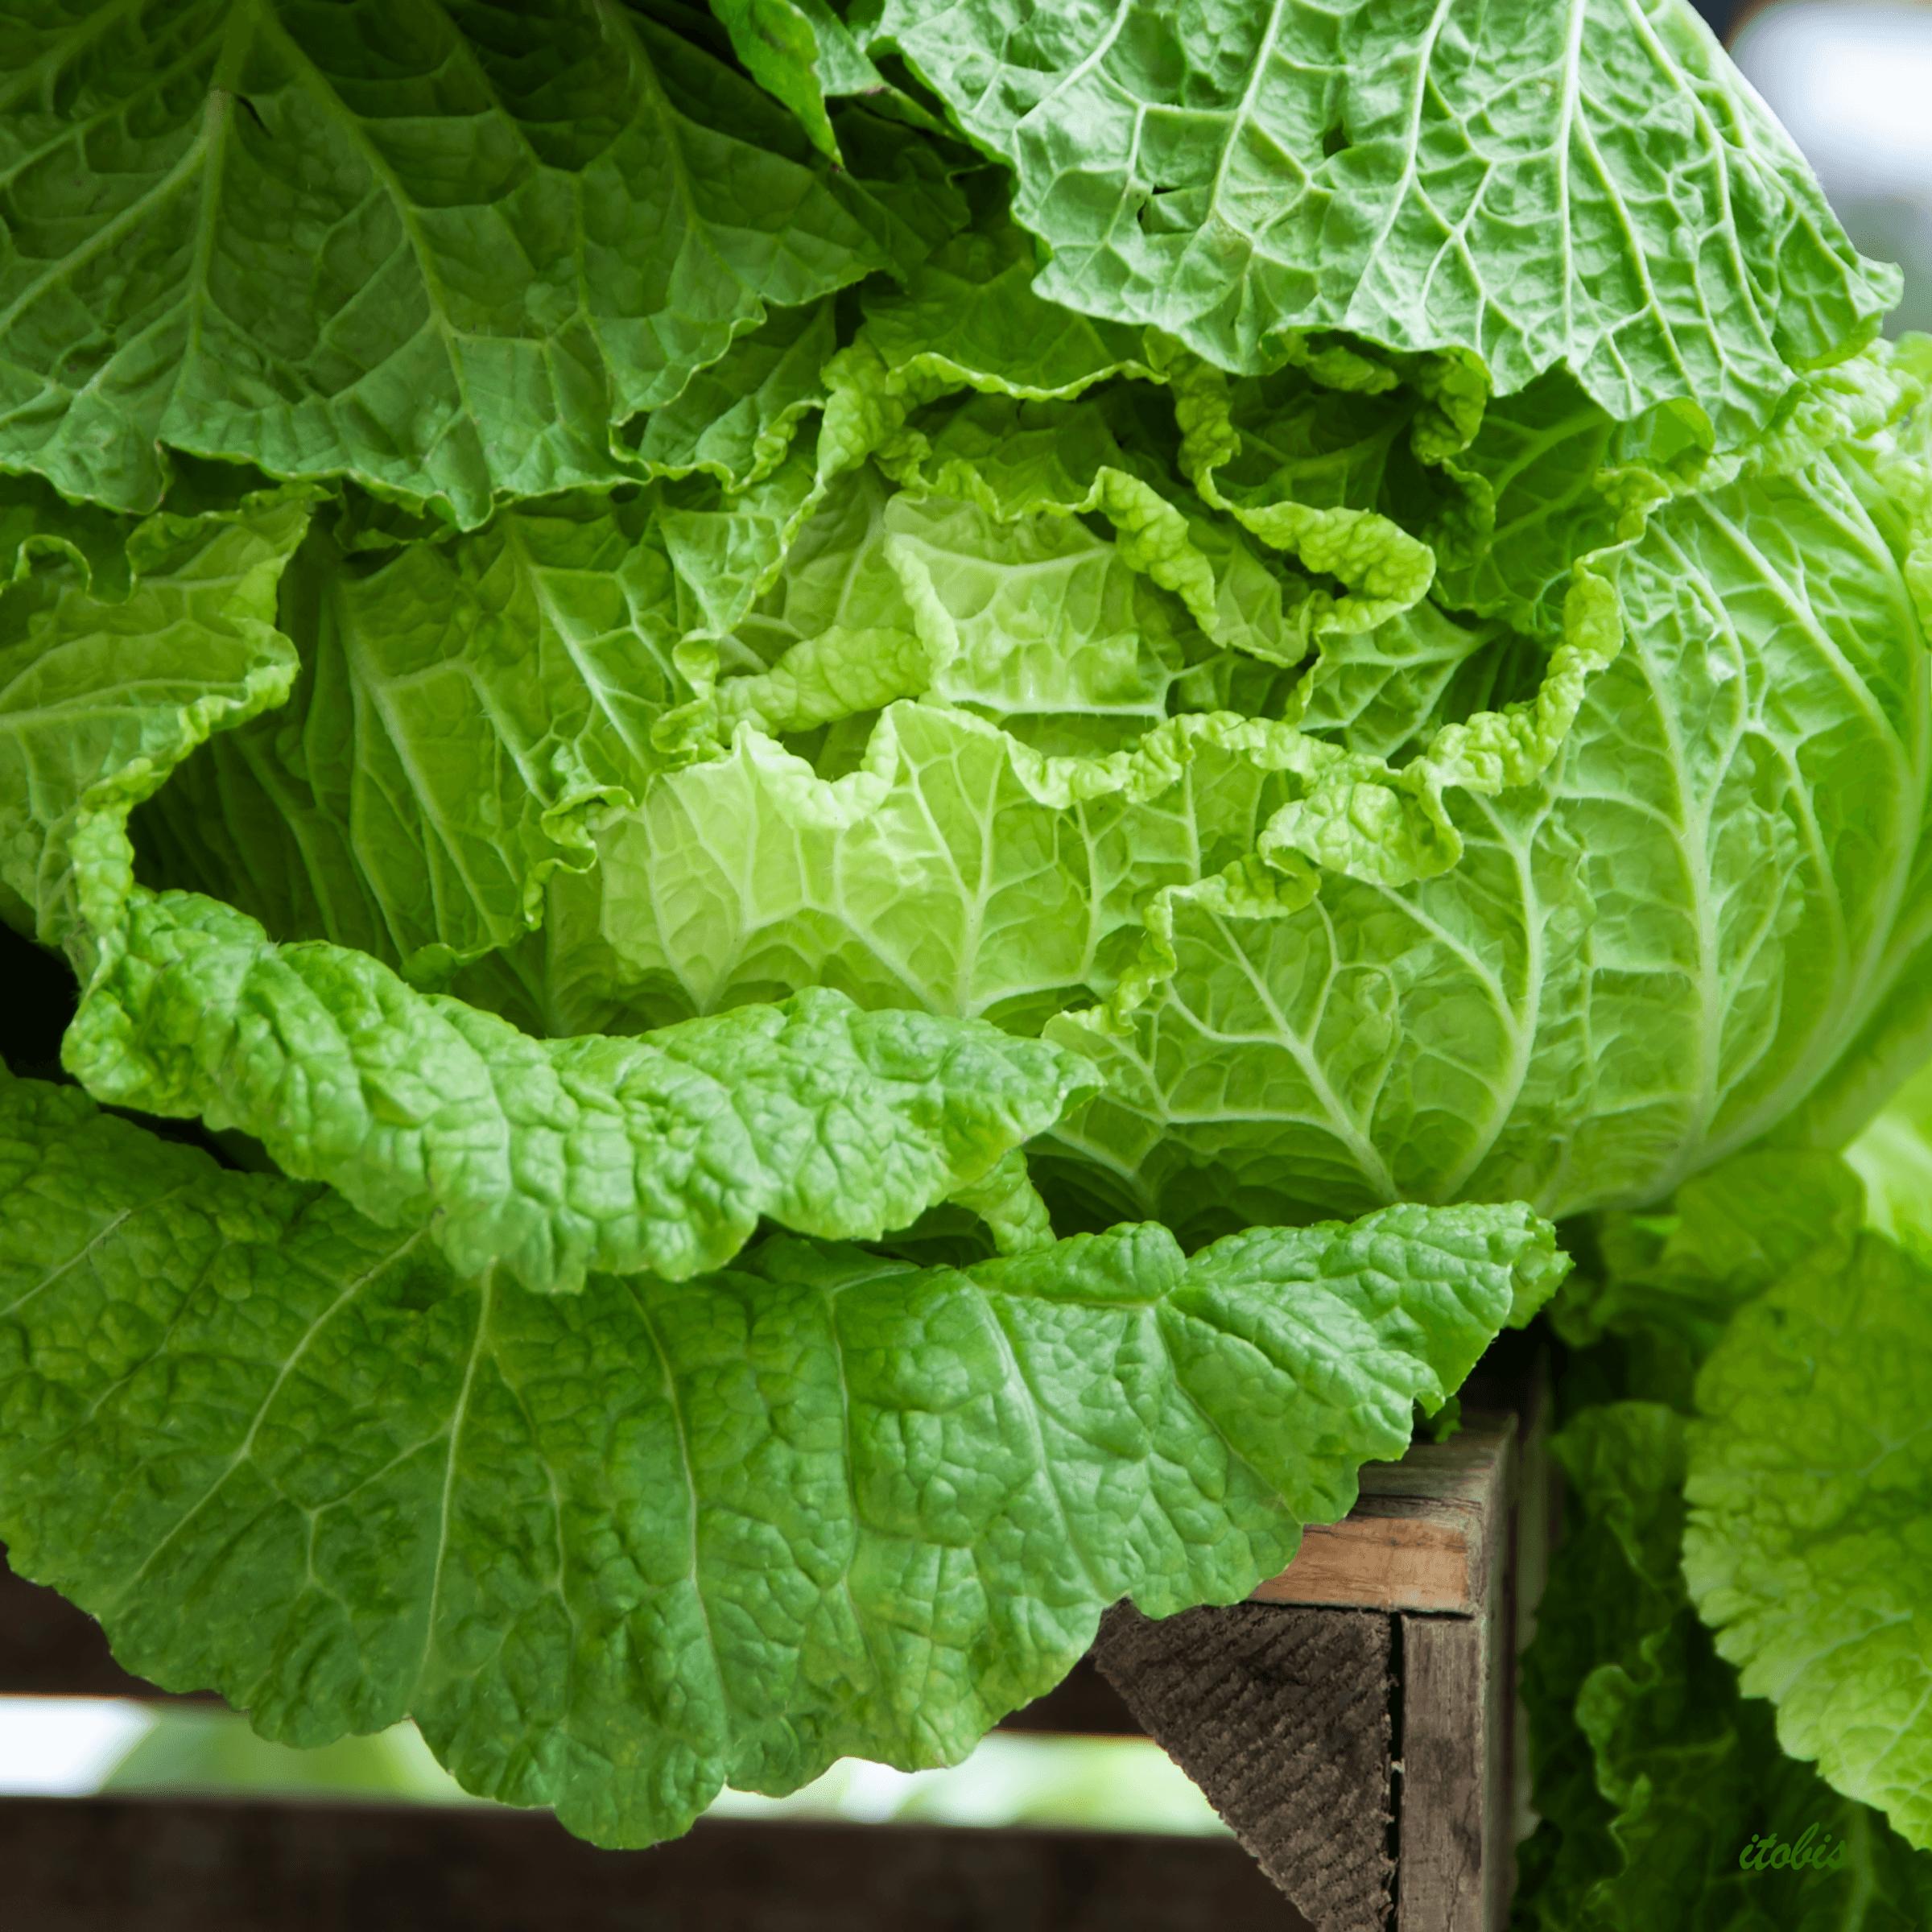 cabbage-farmersmarket-VF017-itobis.png